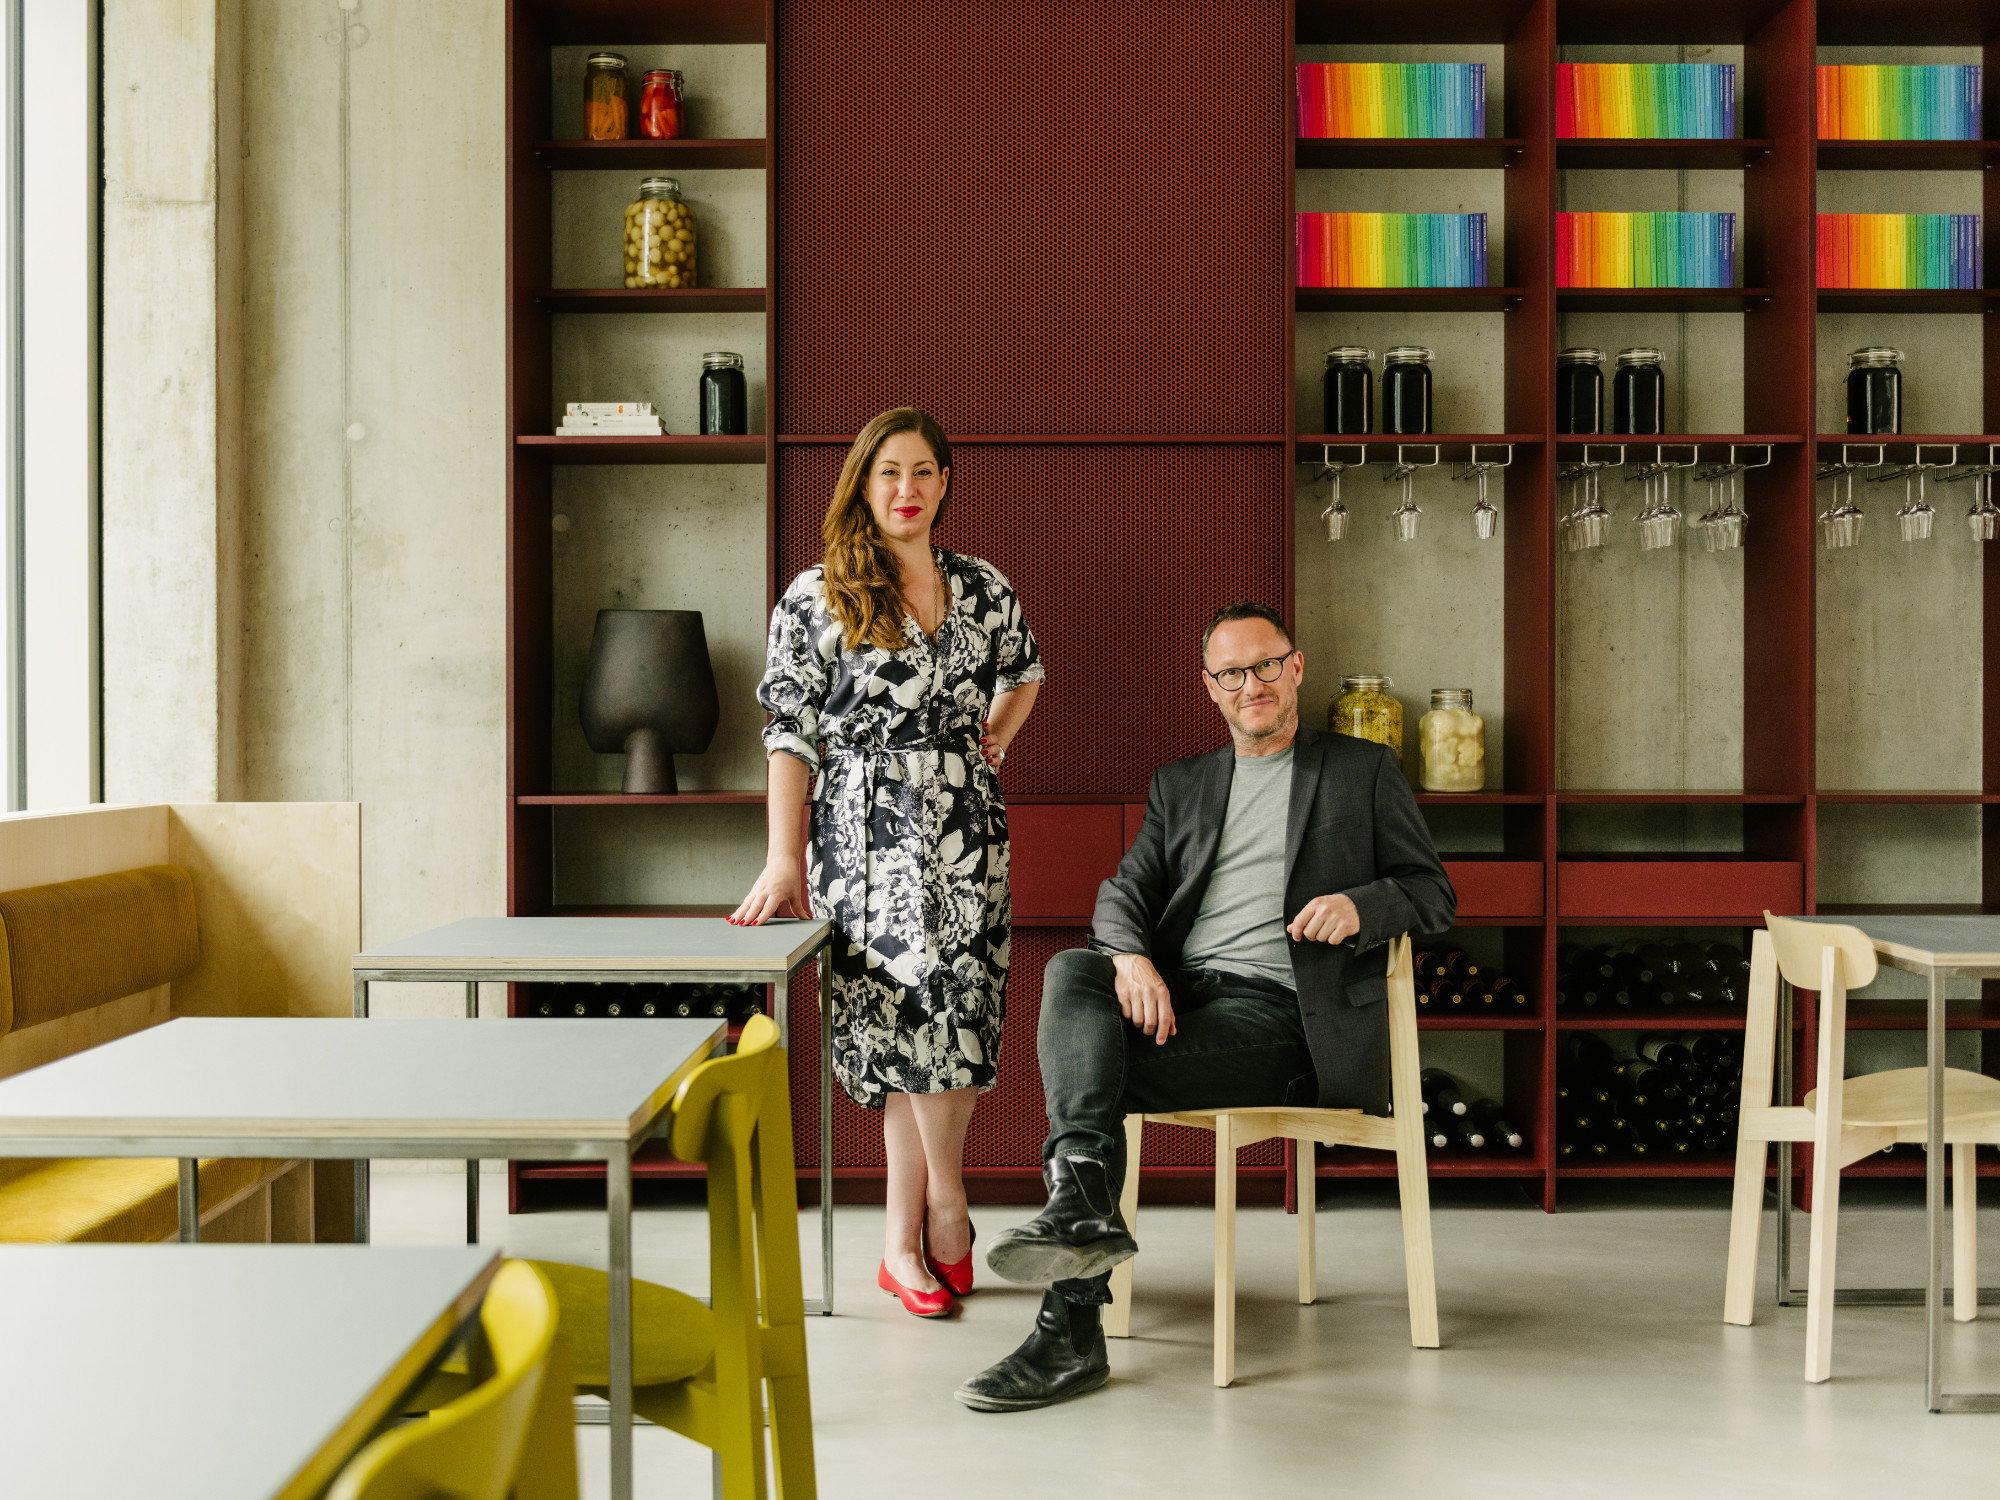 Ester Bruzkus und Peter Greenberg (Ester Bruzkus Architekten), Foto: Robert Rieger